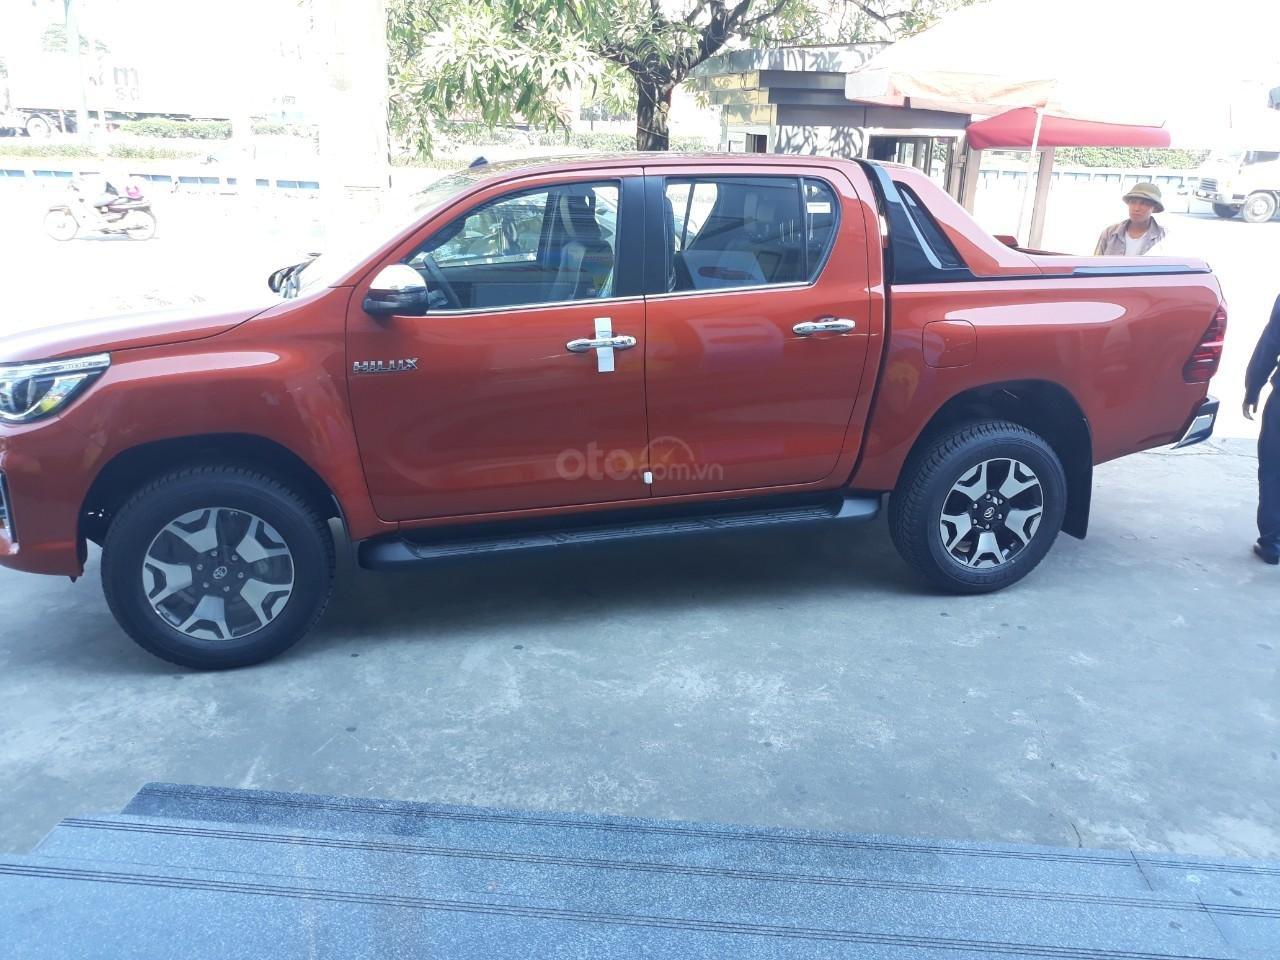 Bán Toyota Hilux tự động 2019 trả góp tại Hải Dương, hotline: 0976394666 Mr Chính (3)